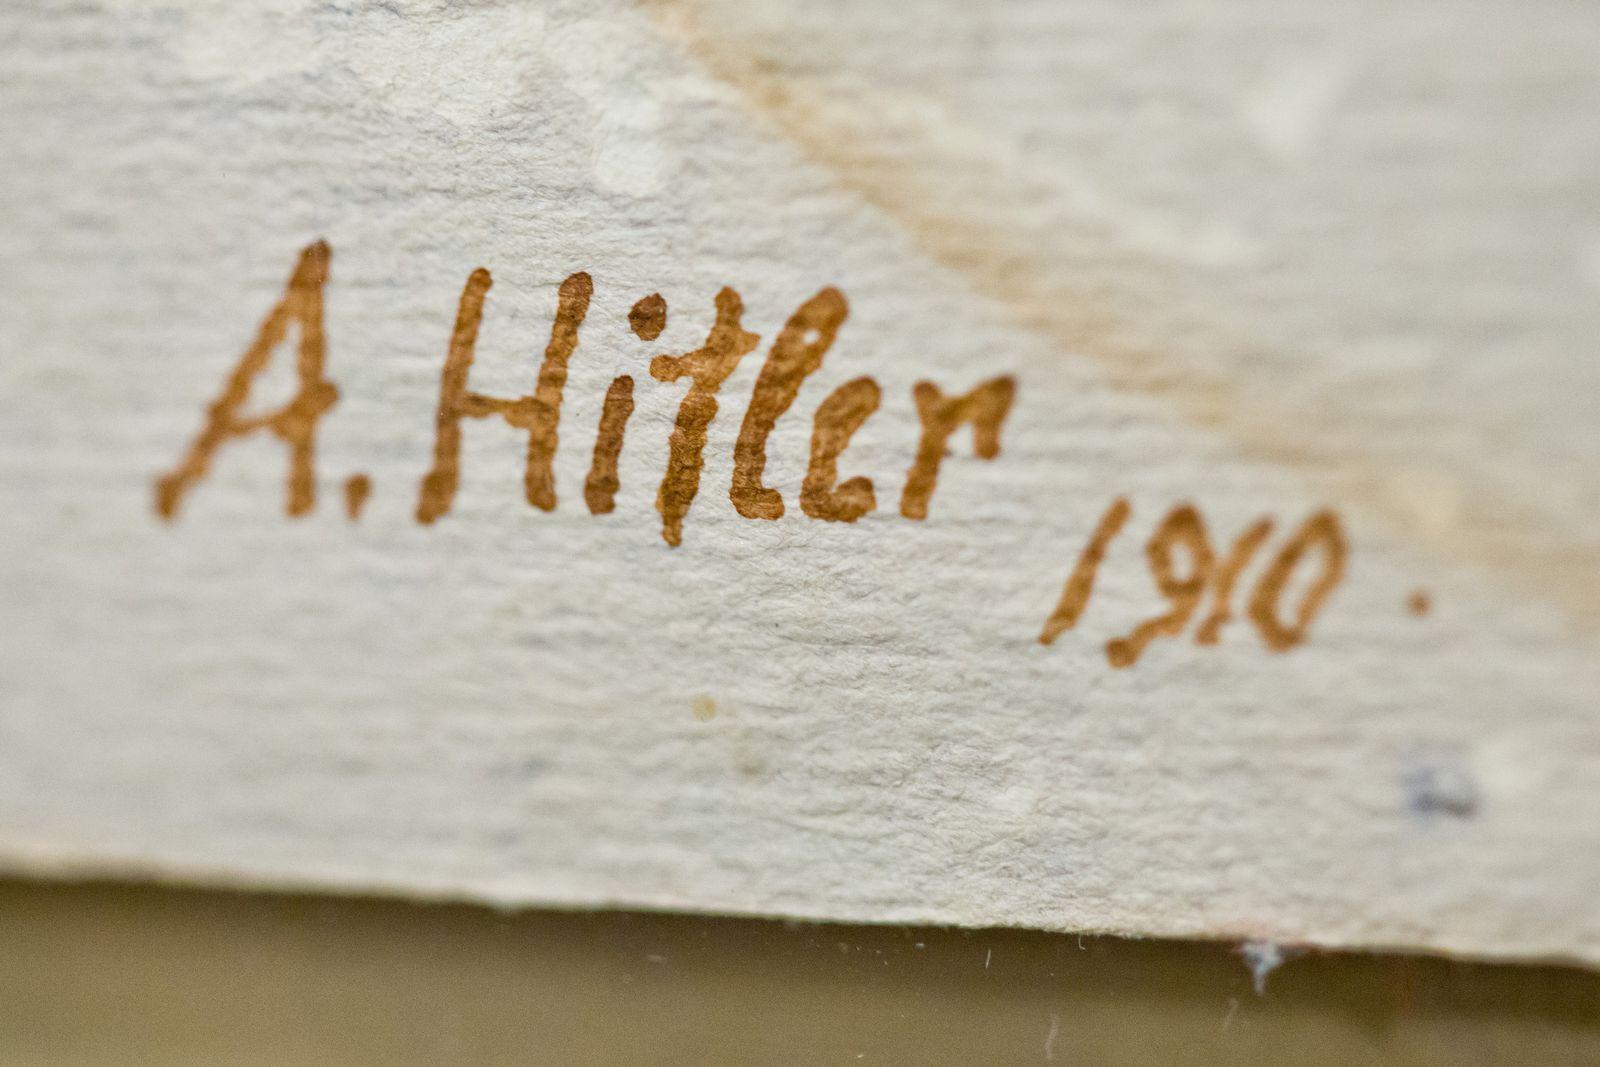 Auktionshaus versteigert Aquarell von Hitler